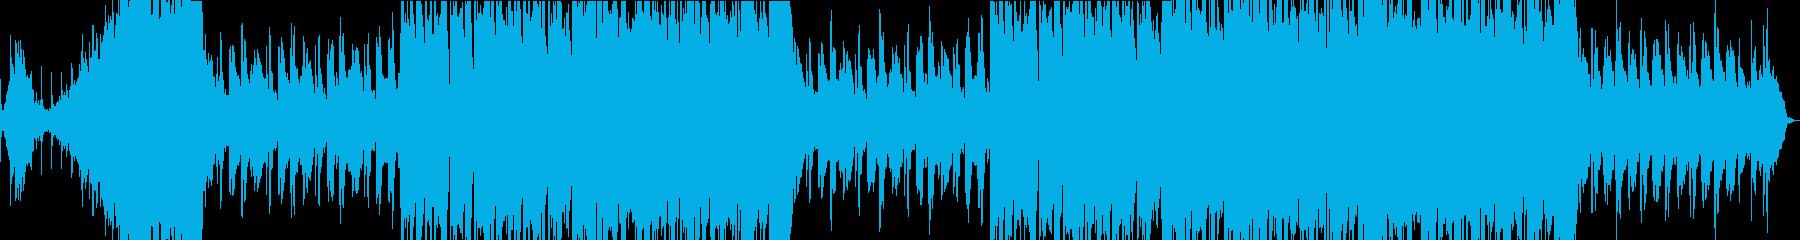 和をイメージした癒し系バラード曲の再生済みの波形